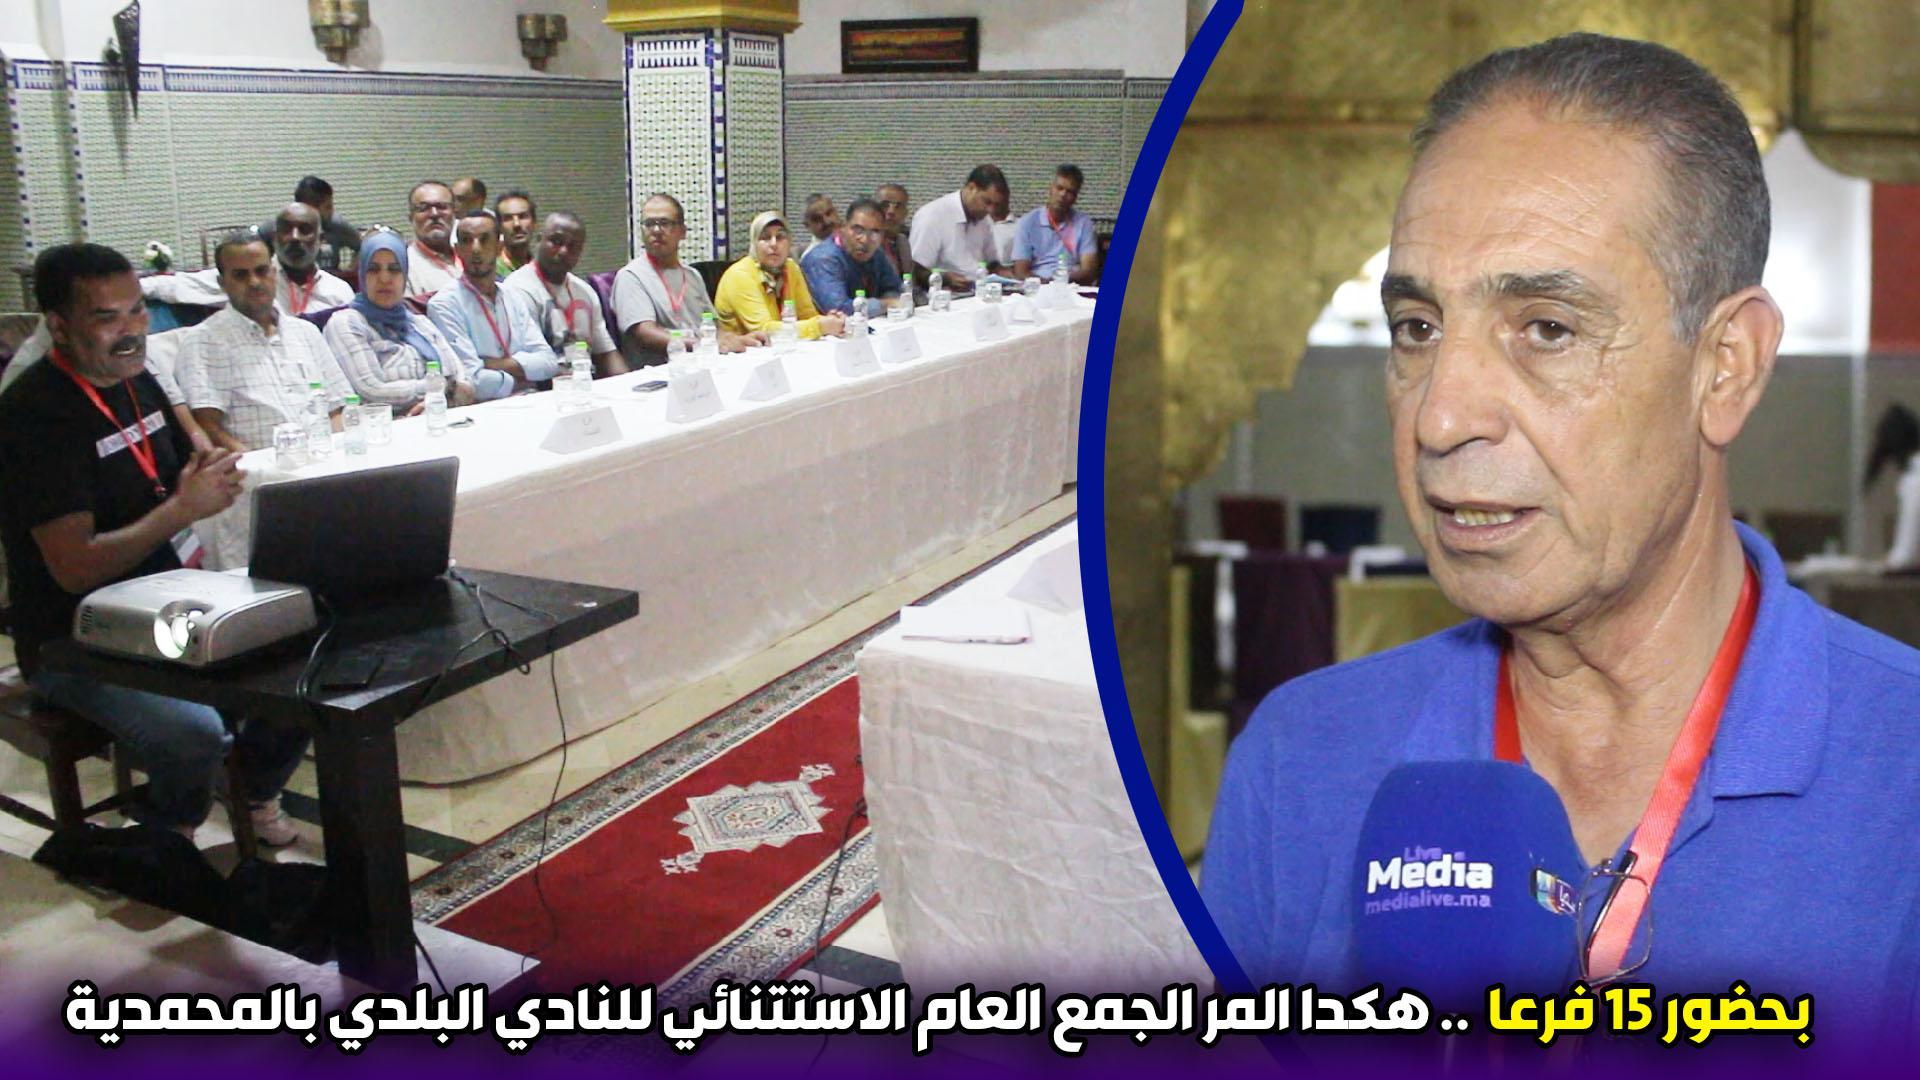 بحضور 15 فرعا  .. هكدا المر الجمع العام الاستتنائي للنادي البلدي بالمحمدية